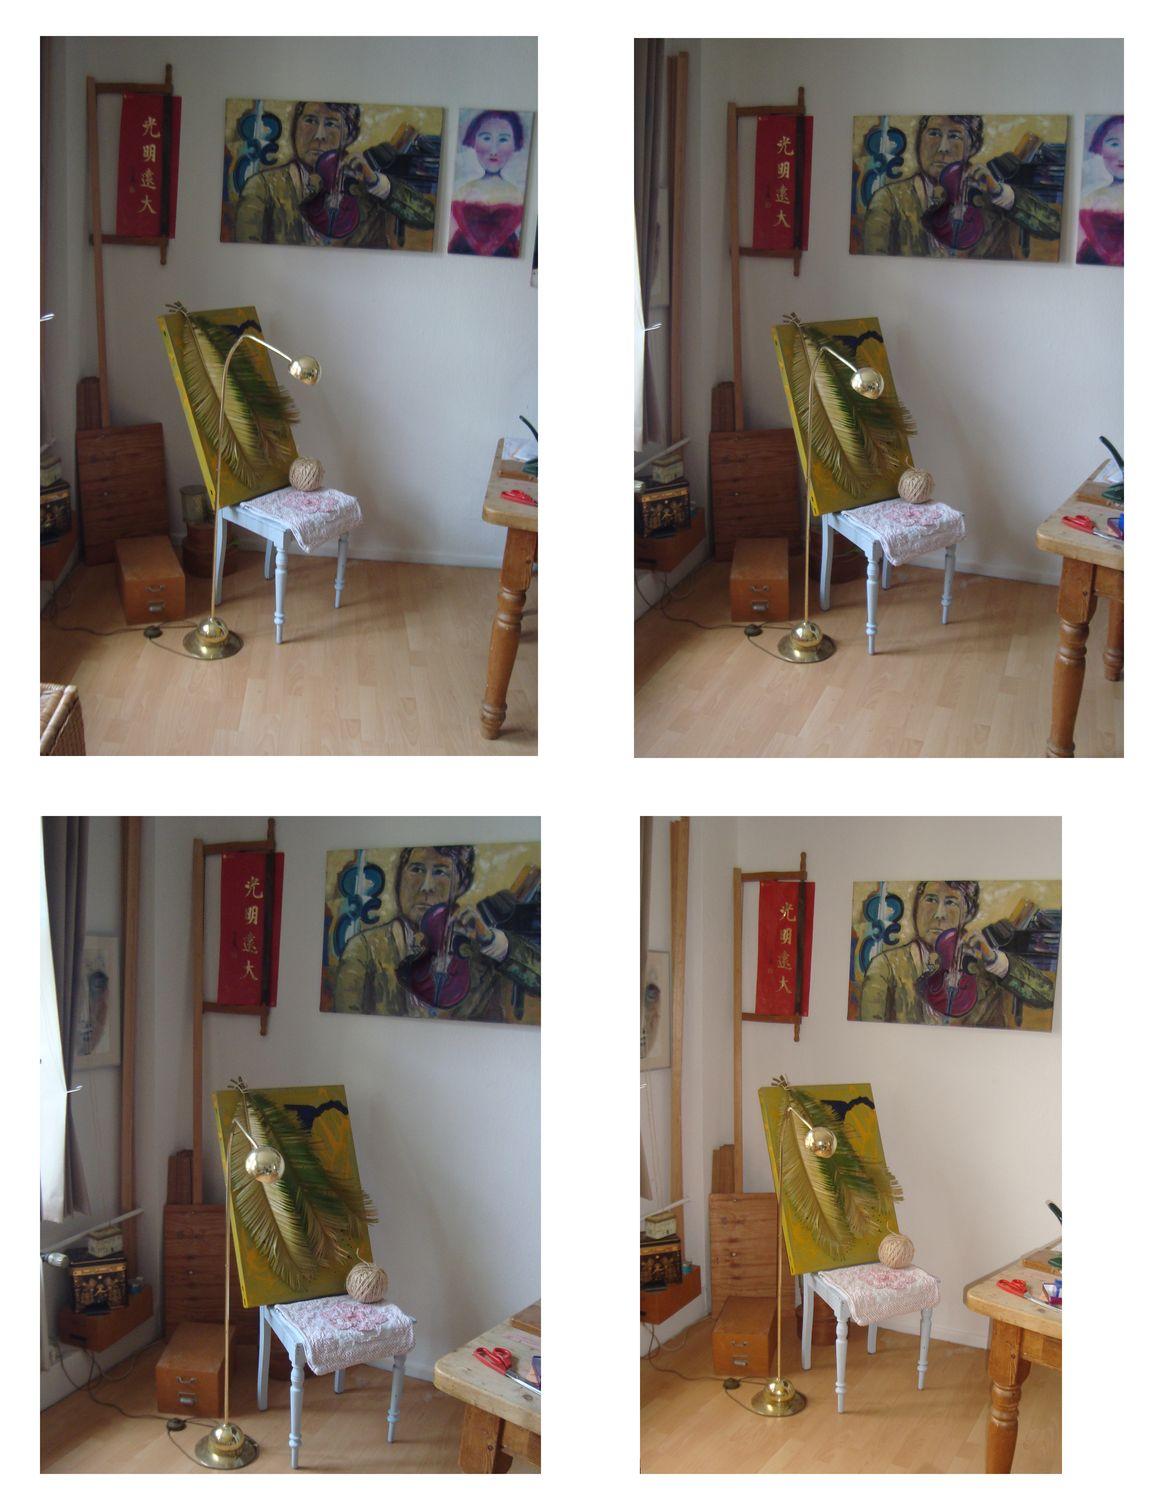 Arrangement - Blechbild mit Palmenwedeln, Sisalkordel und Kissenbezug auf hellblauem Stuhl neben Stehlampe im Gold-Look vor Wand in hölzernem Ambiente